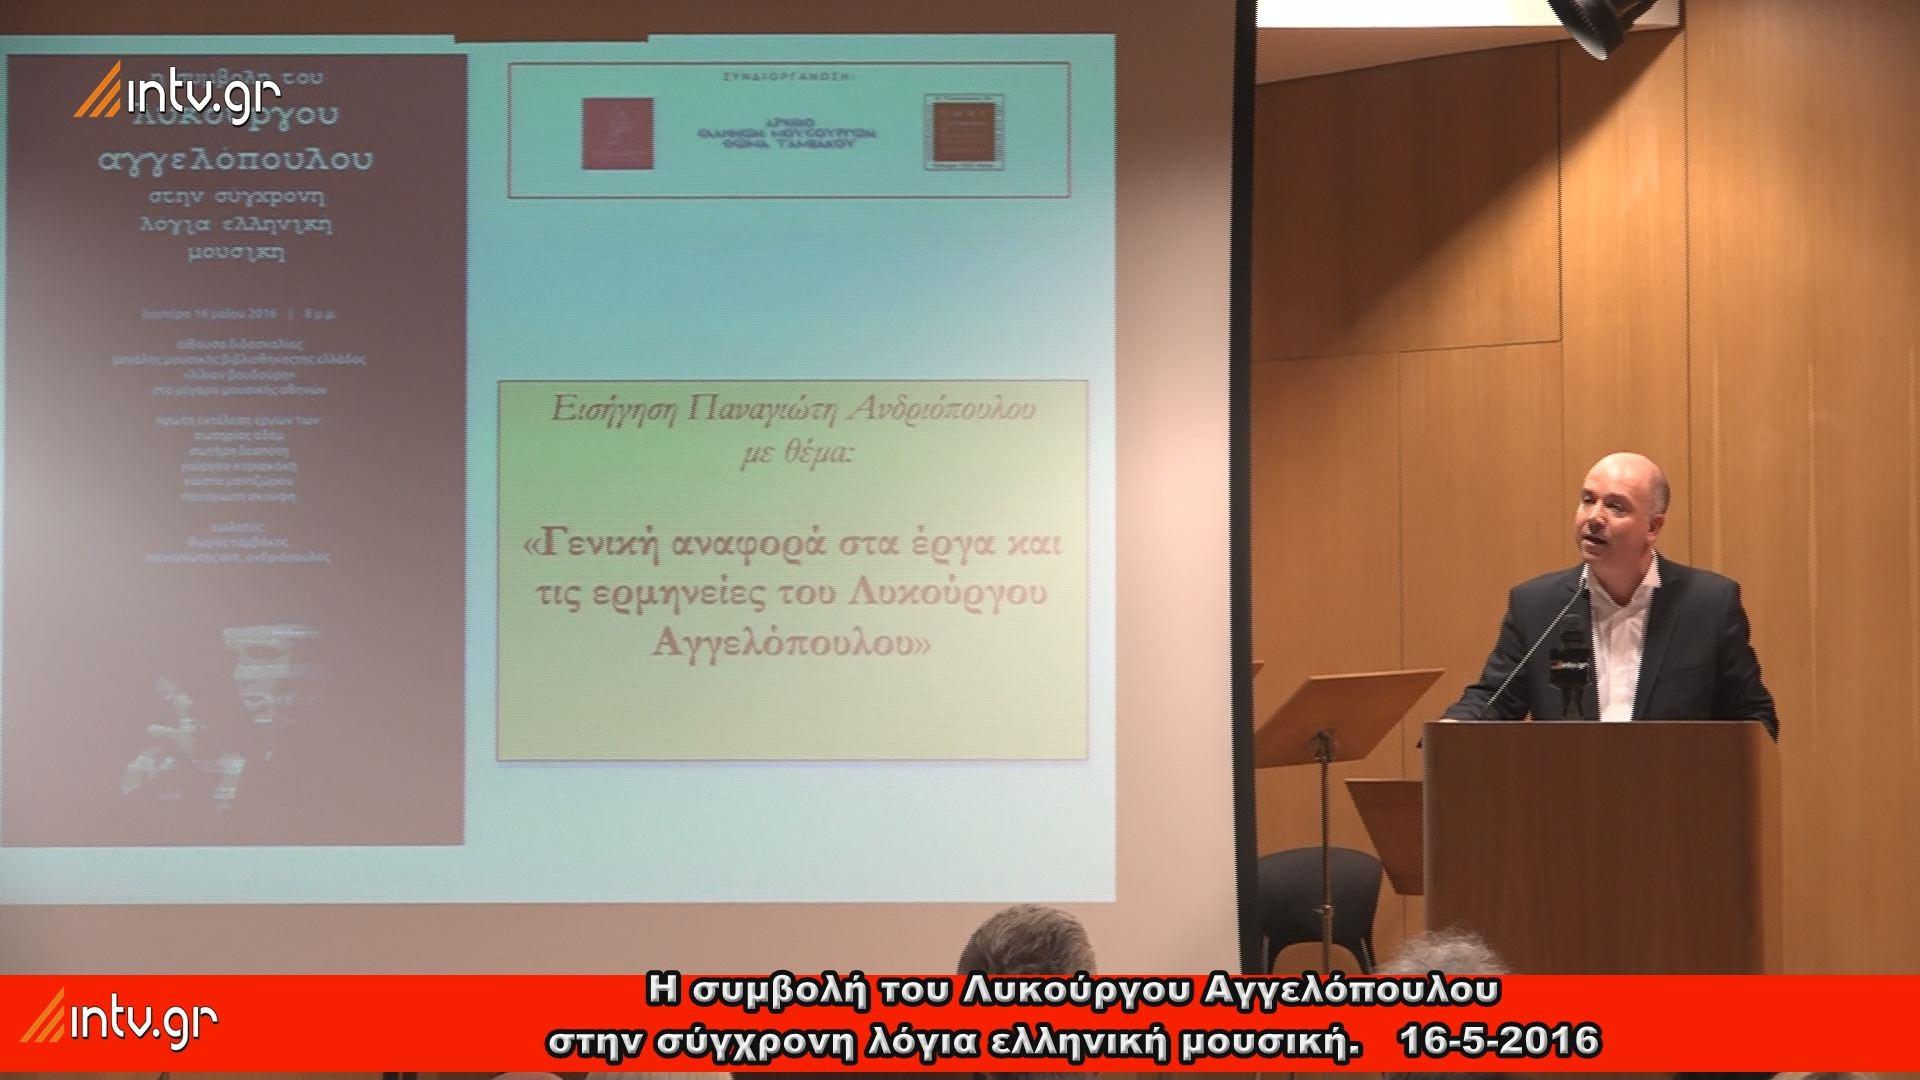 """""""Η συμβολή του Λυκούργου Αγγελόπουλου στην σύγχρονη λόγια ελληνική μουσική"""""""